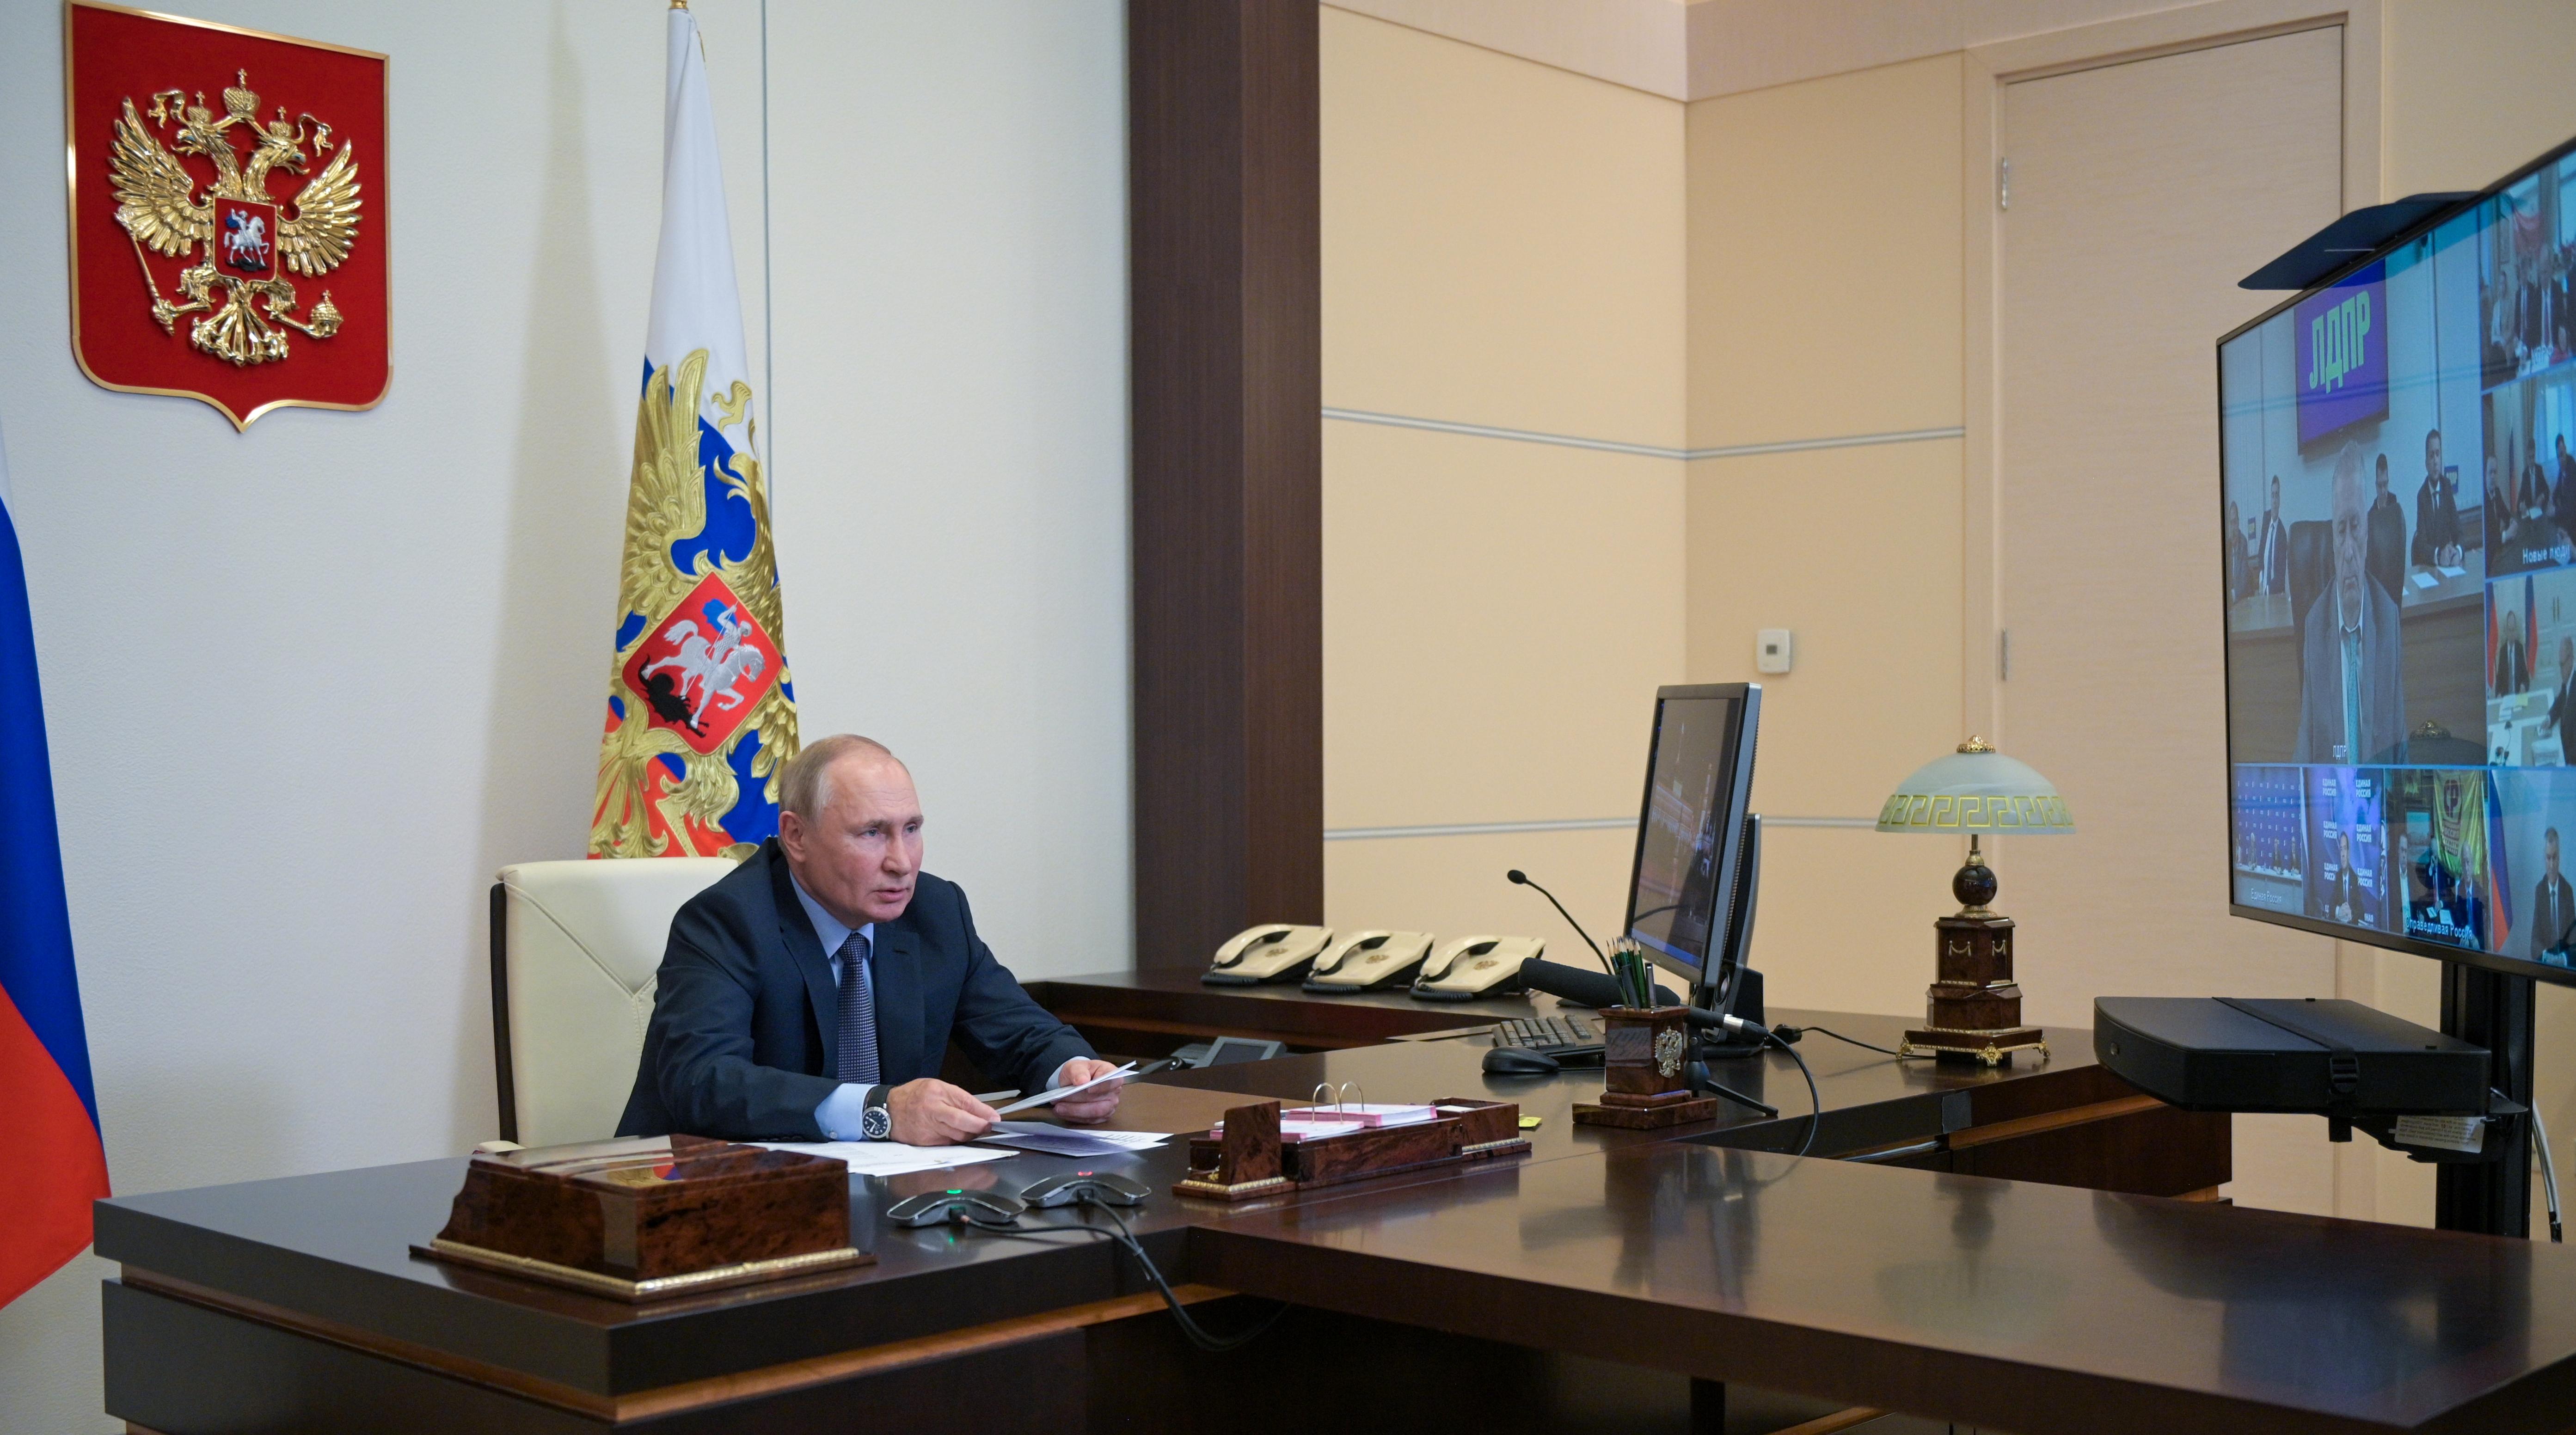 Владимир Путин провел встречу с руководством политических партий